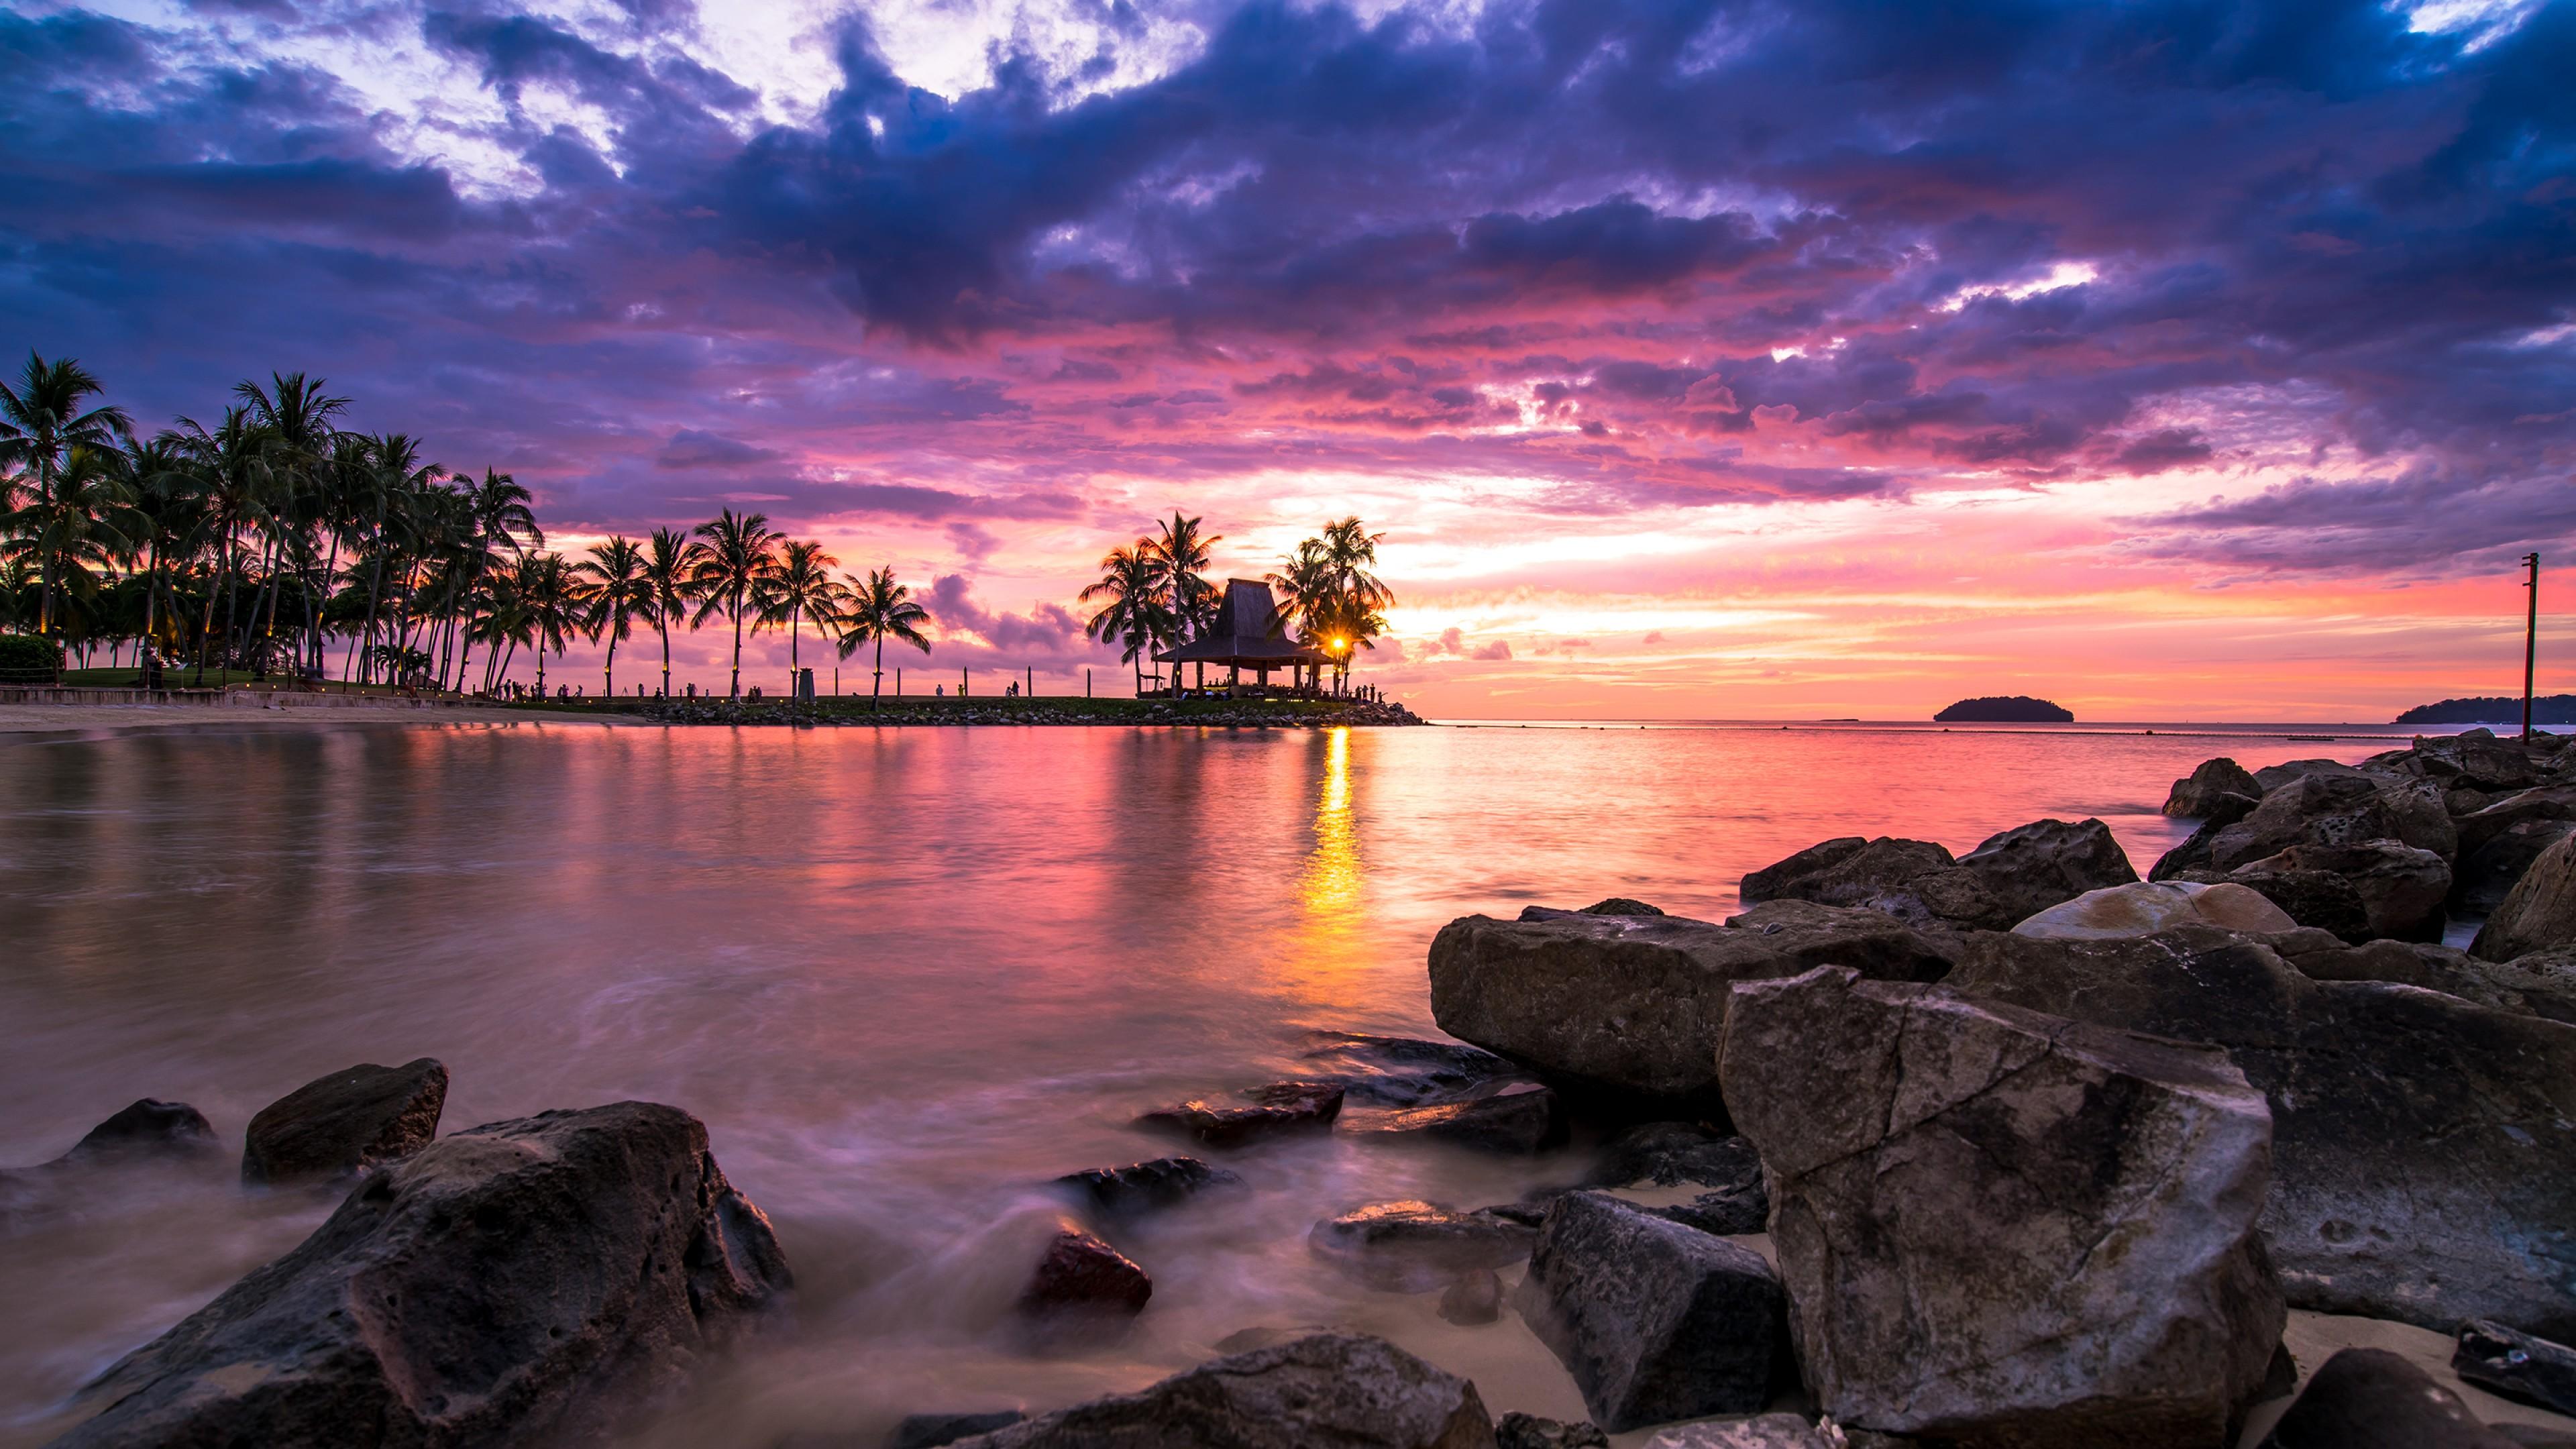 Beach Sunset Wallpaper For Desktop And Mobiles 4k Beach 1942973 Hd Wallpaper Backgrounds Download